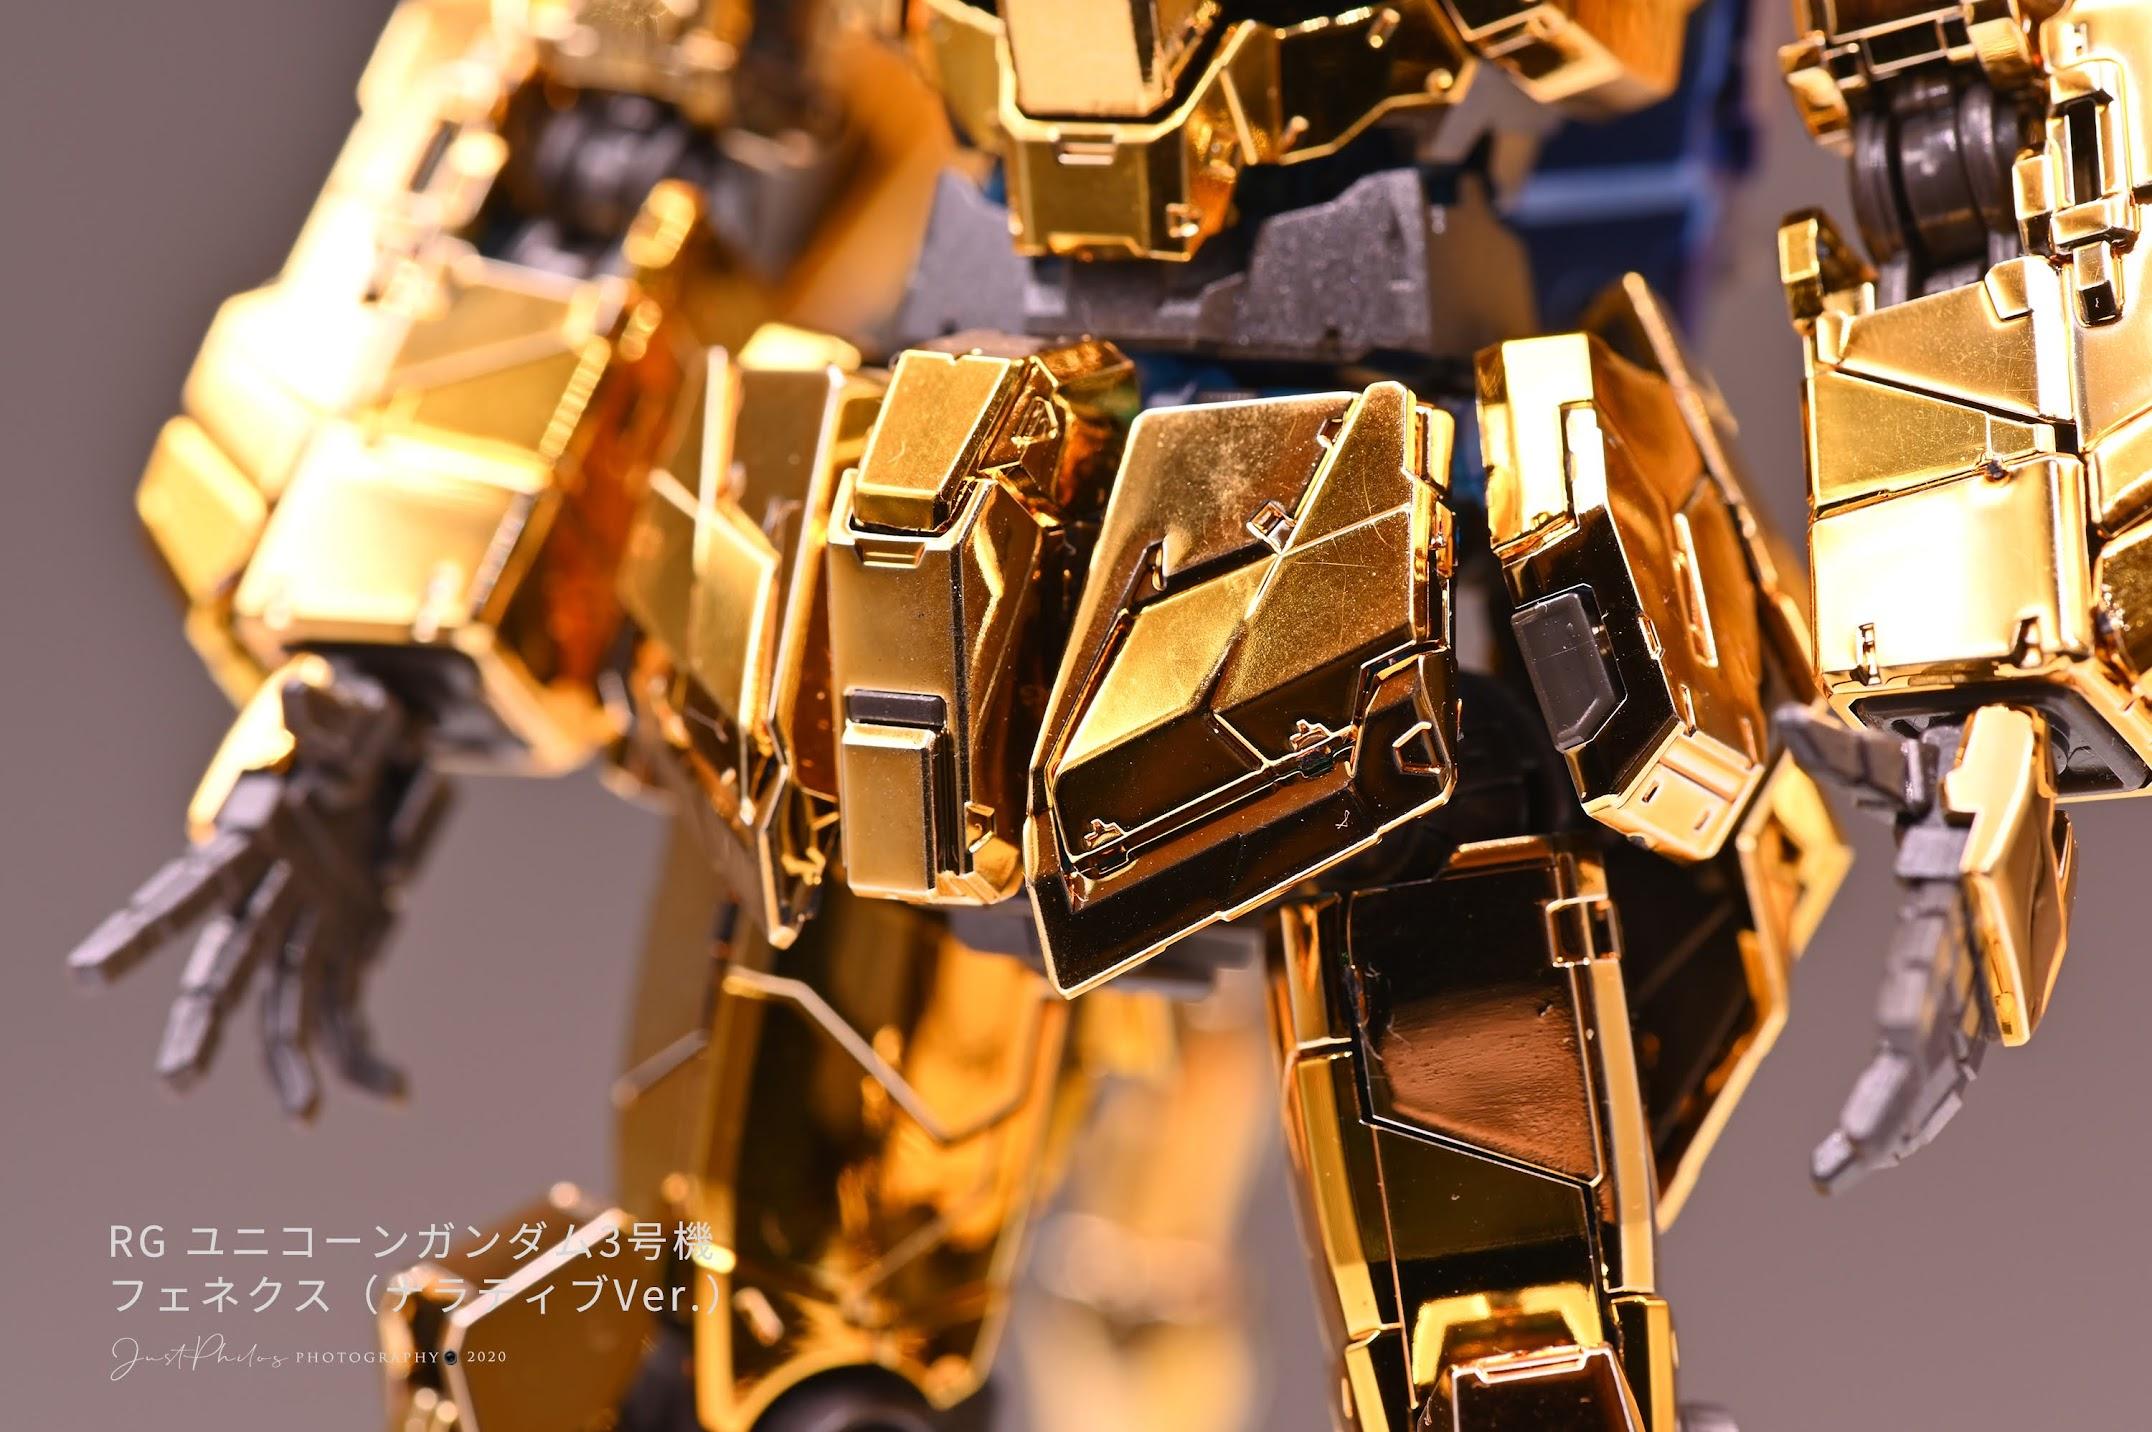 腰部的外裝甲就可很明顯看出有兩種電鍍金色(不知道你有沒有看出來?)